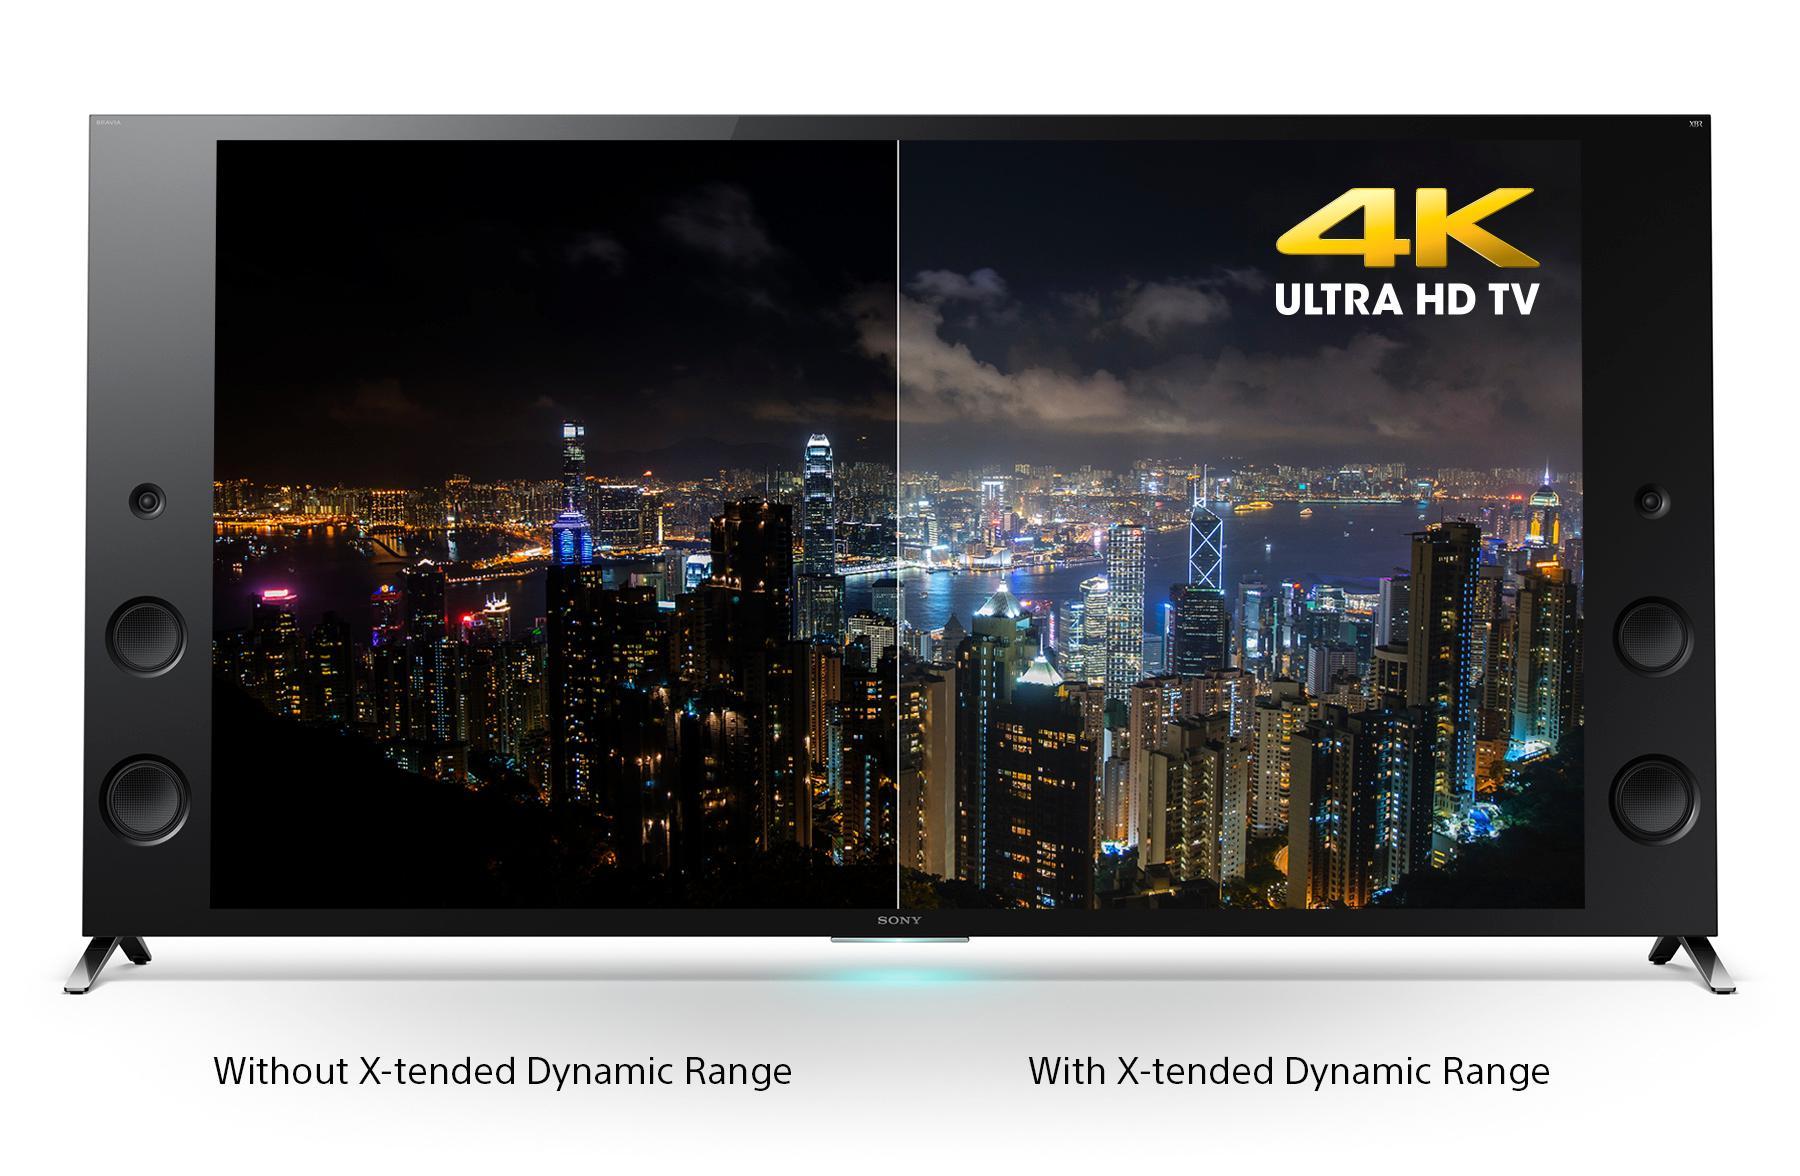 sony xbr65x930c 65 inch 4k ultra hd 120hz 3d smart led tv 2015 model electronics. Black Bedroom Furniture Sets. Home Design Ideas